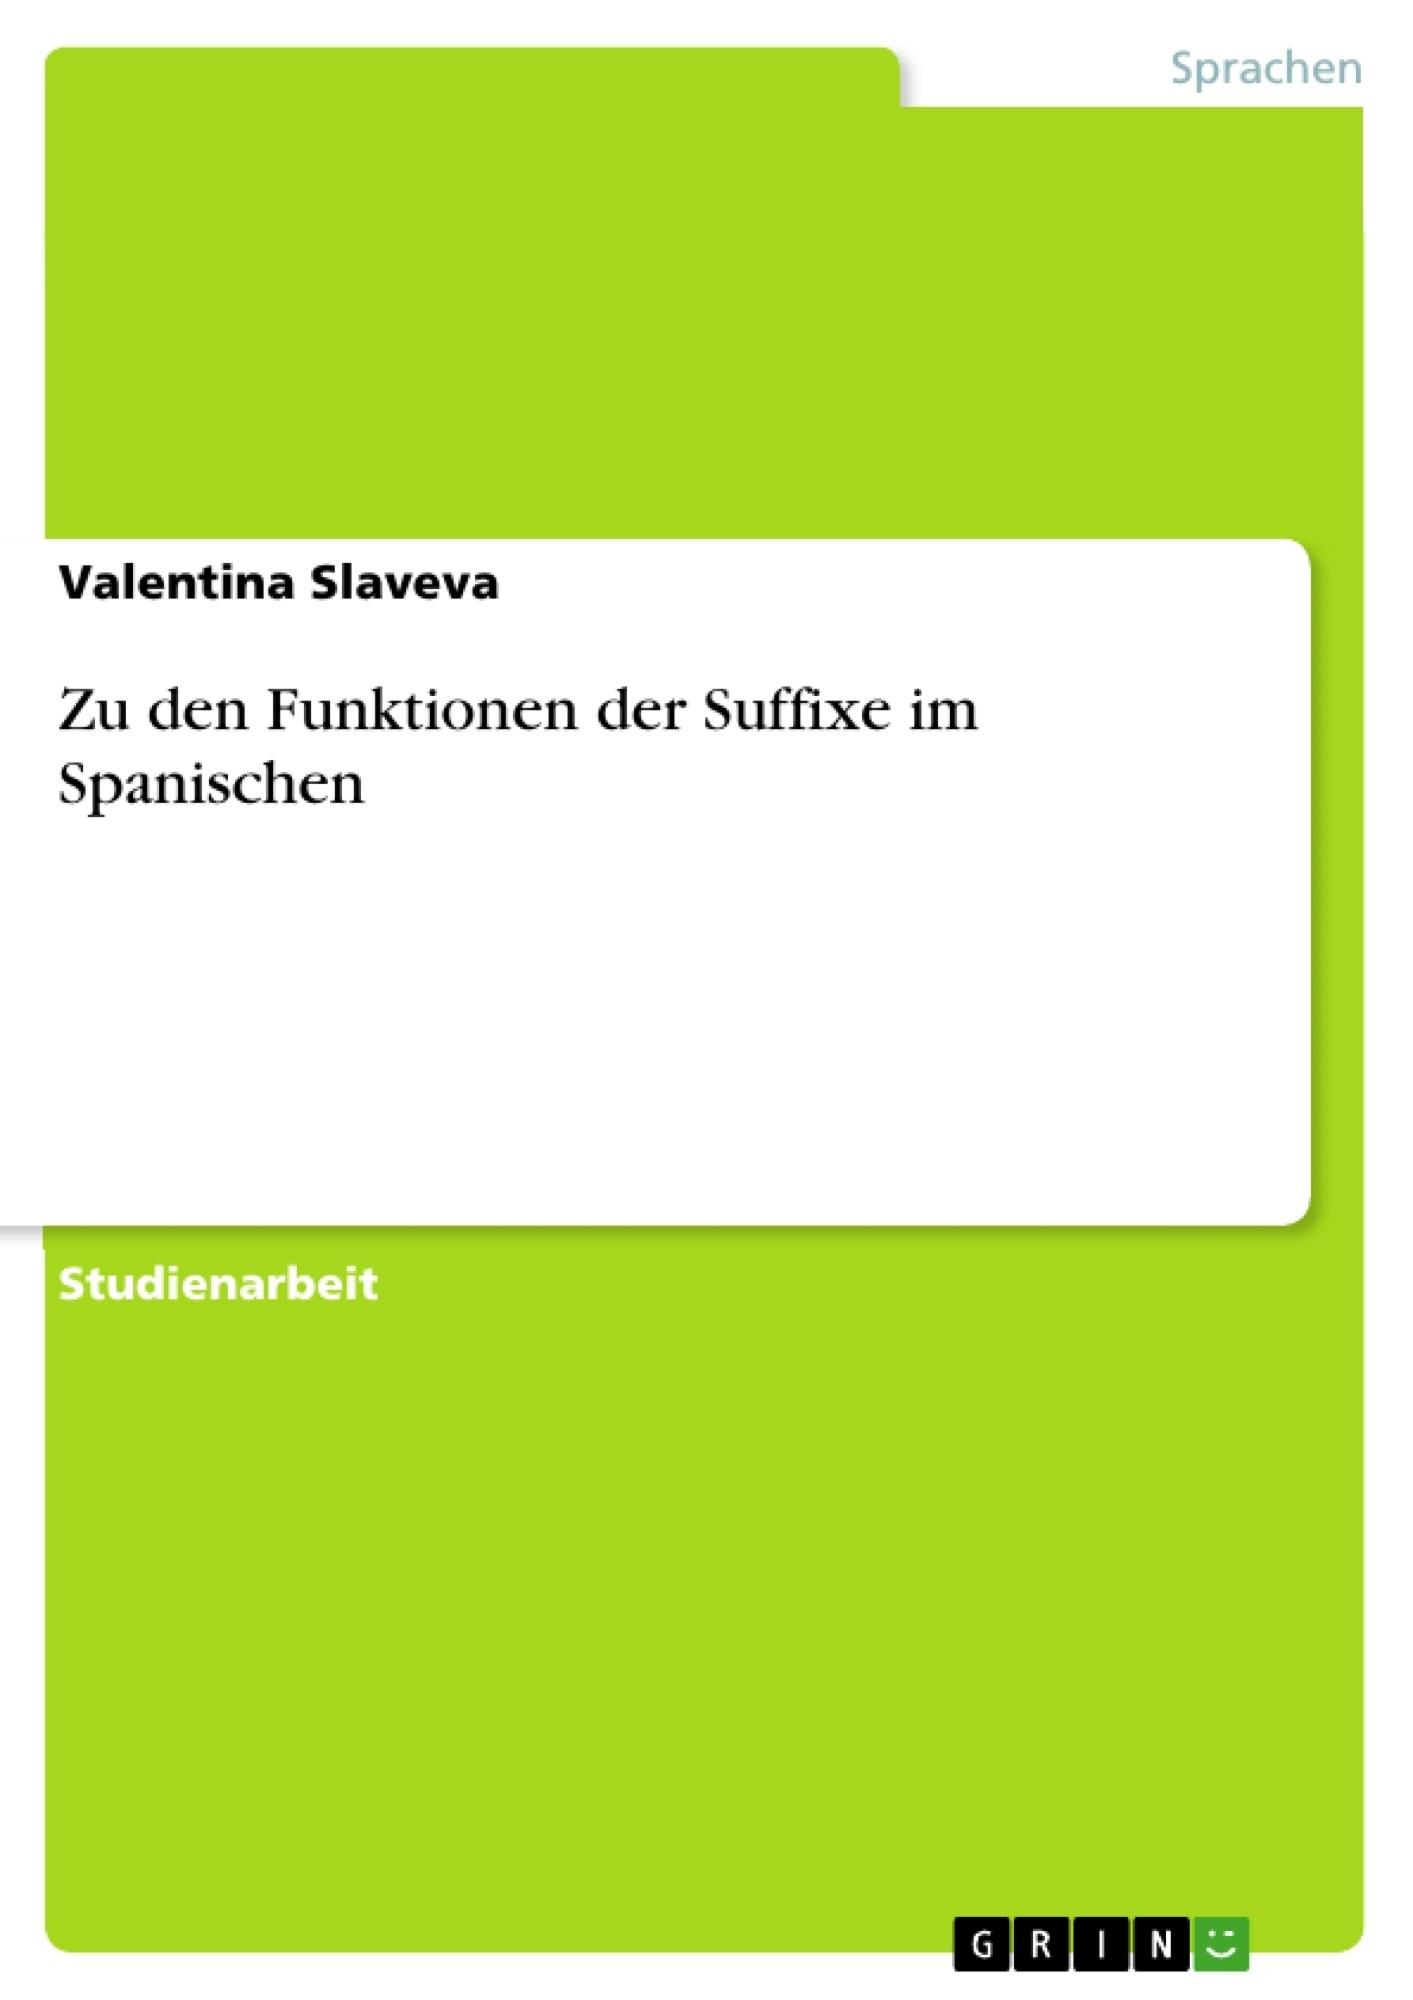 Titel: Zu den Funktionen der Suffixe im Spanischen